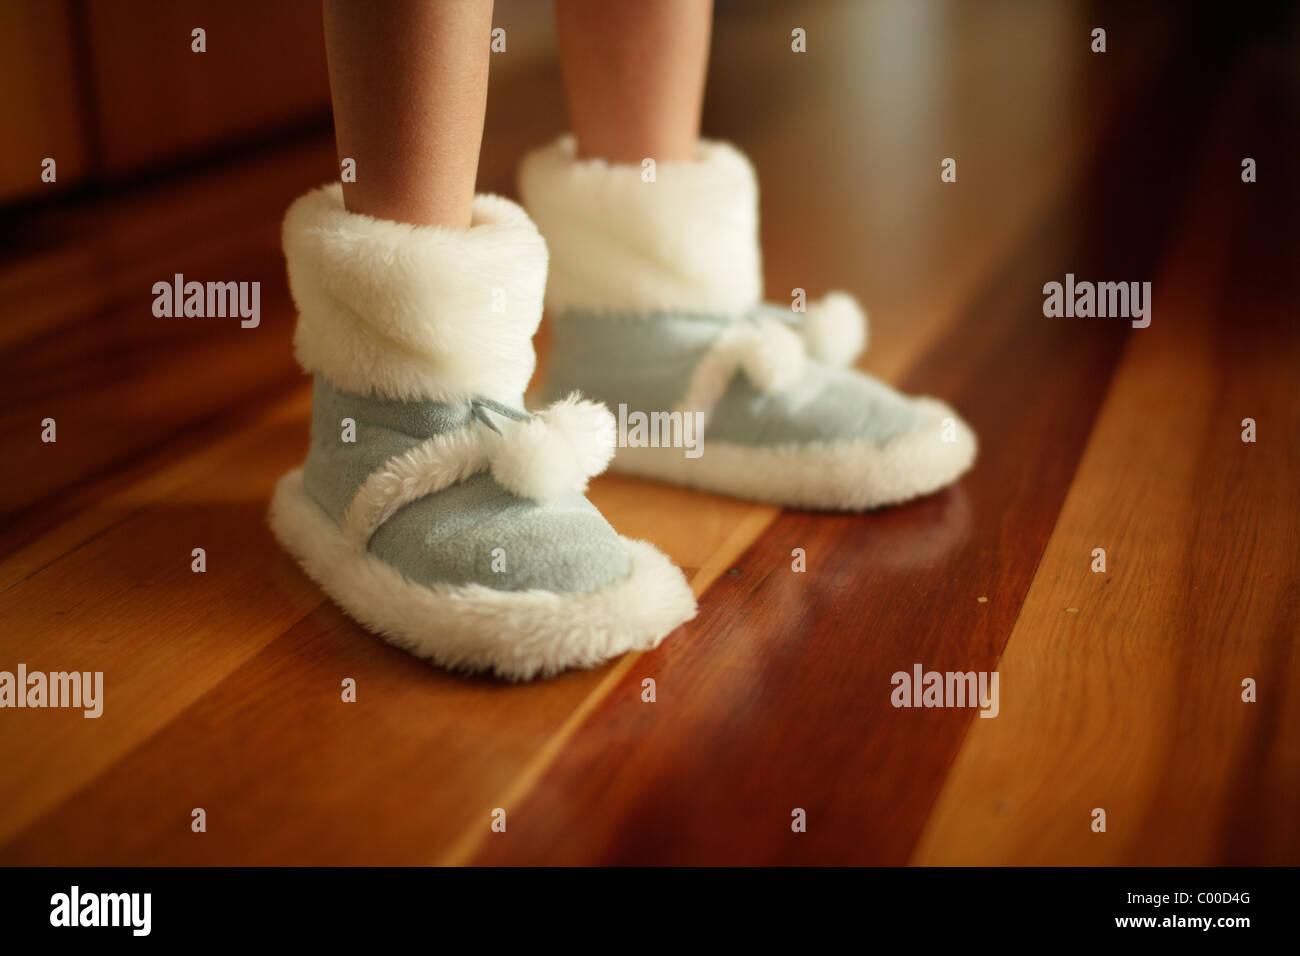 La chaude fille chaussons sur plancher en bois fabriqués à partir de mouton synthétique Photo Stock